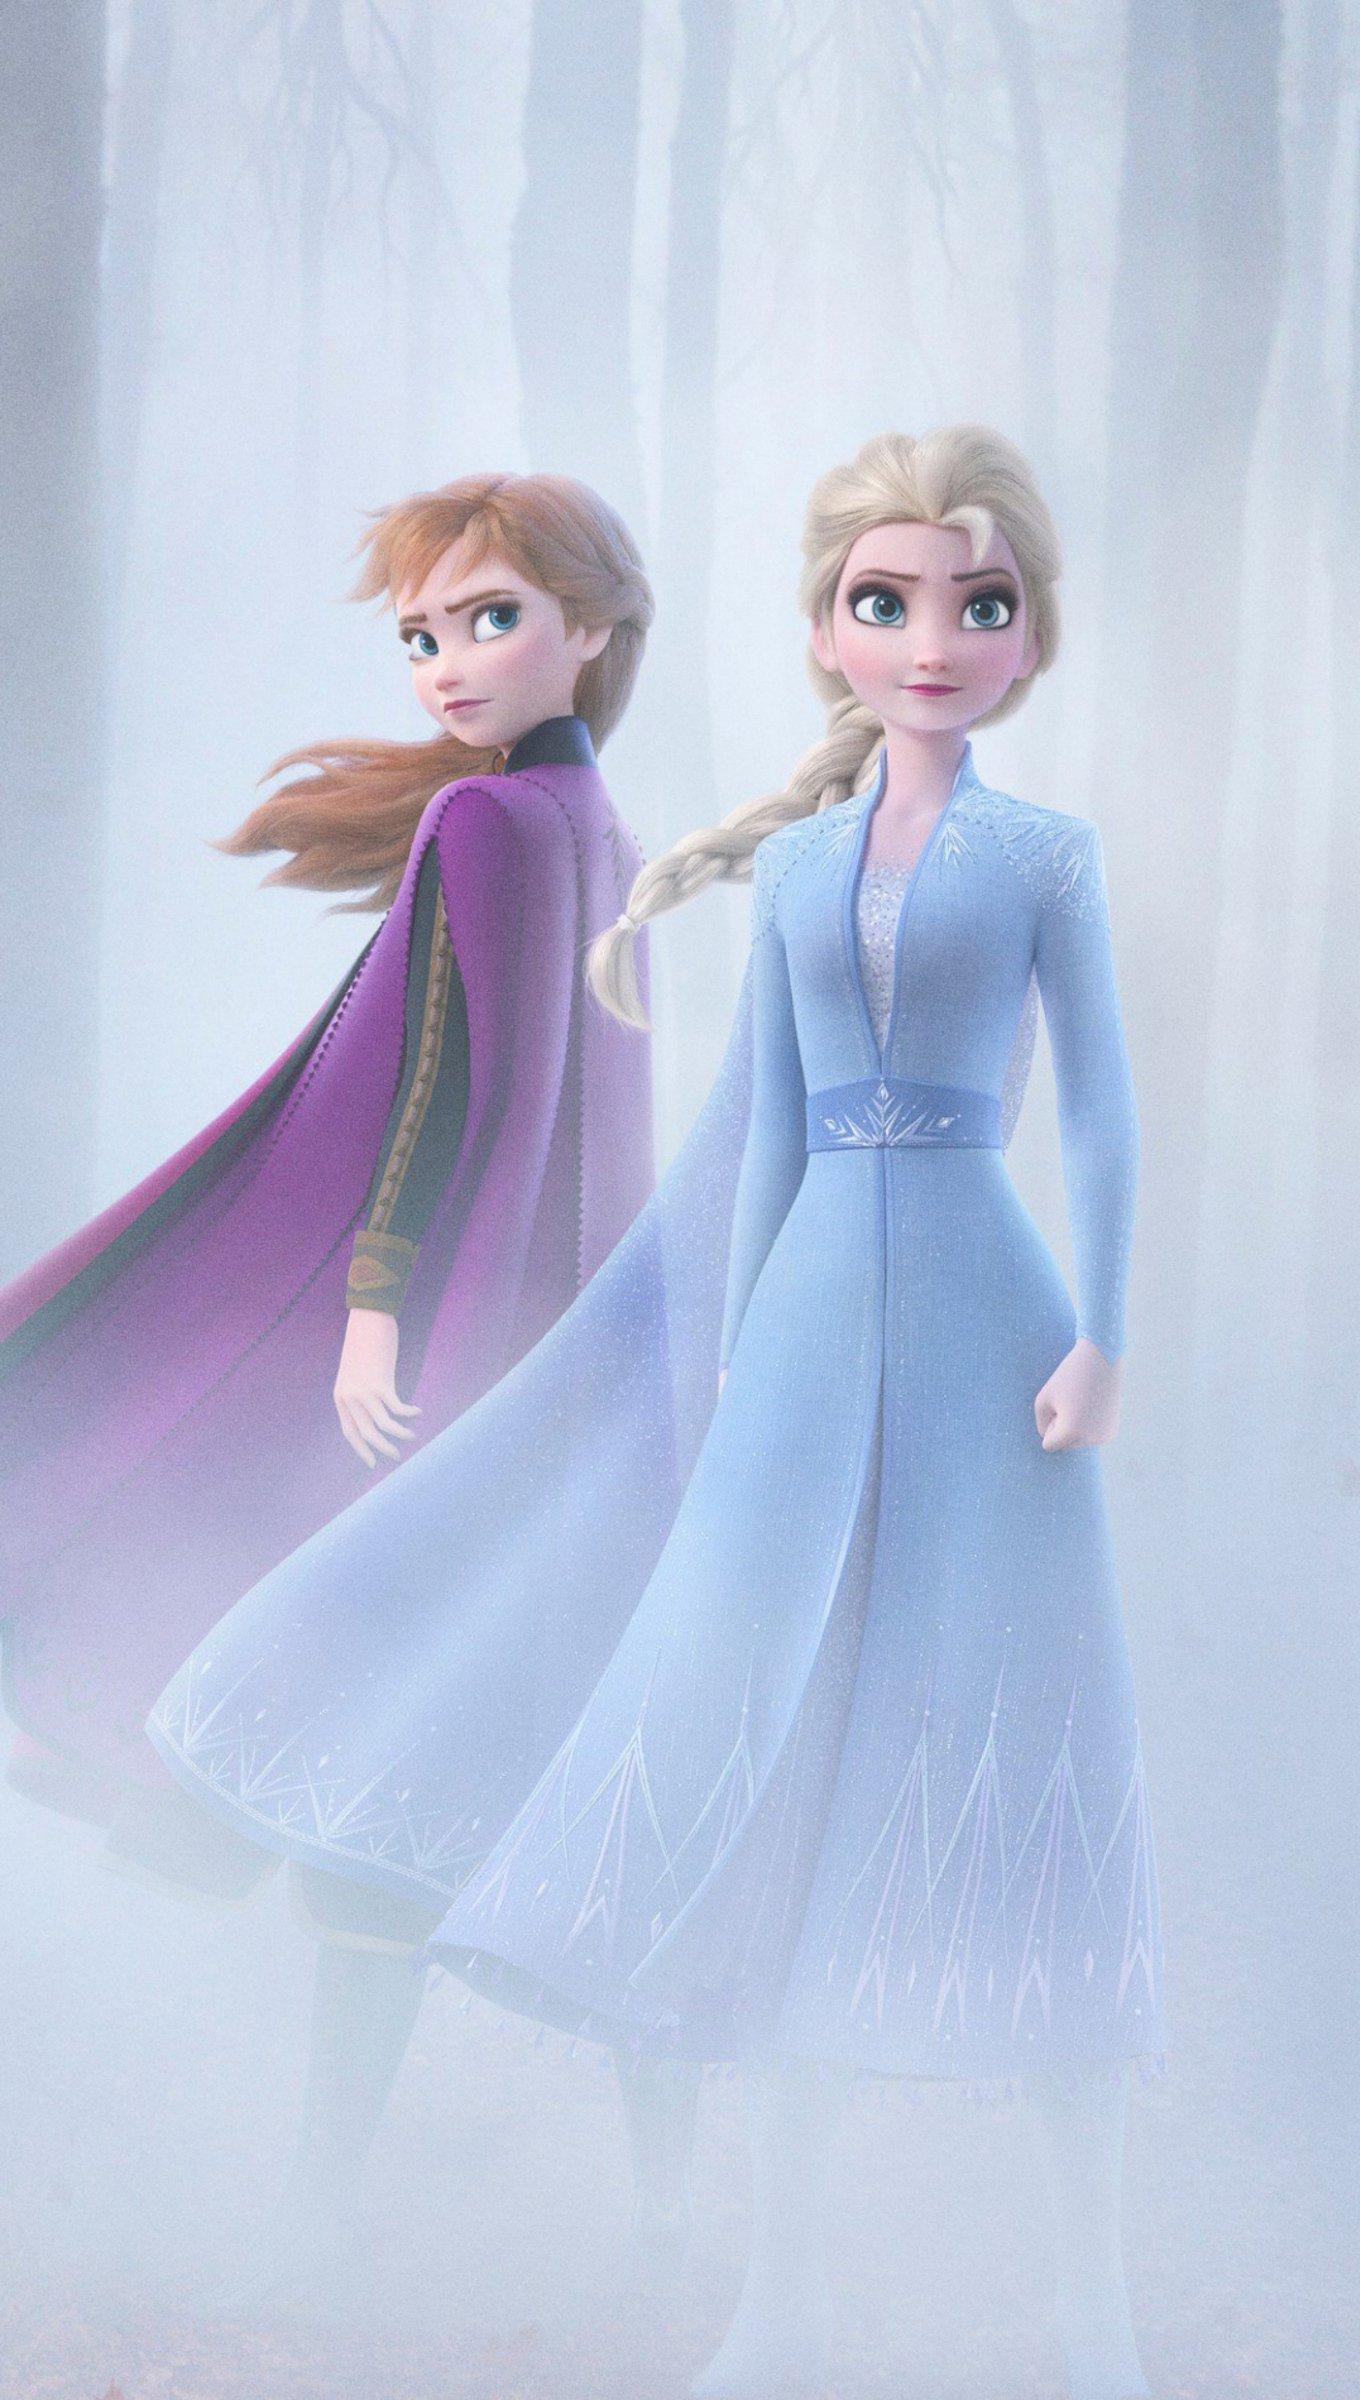 Wallpaper Anna and Elsa from Frozen 2 Vertical